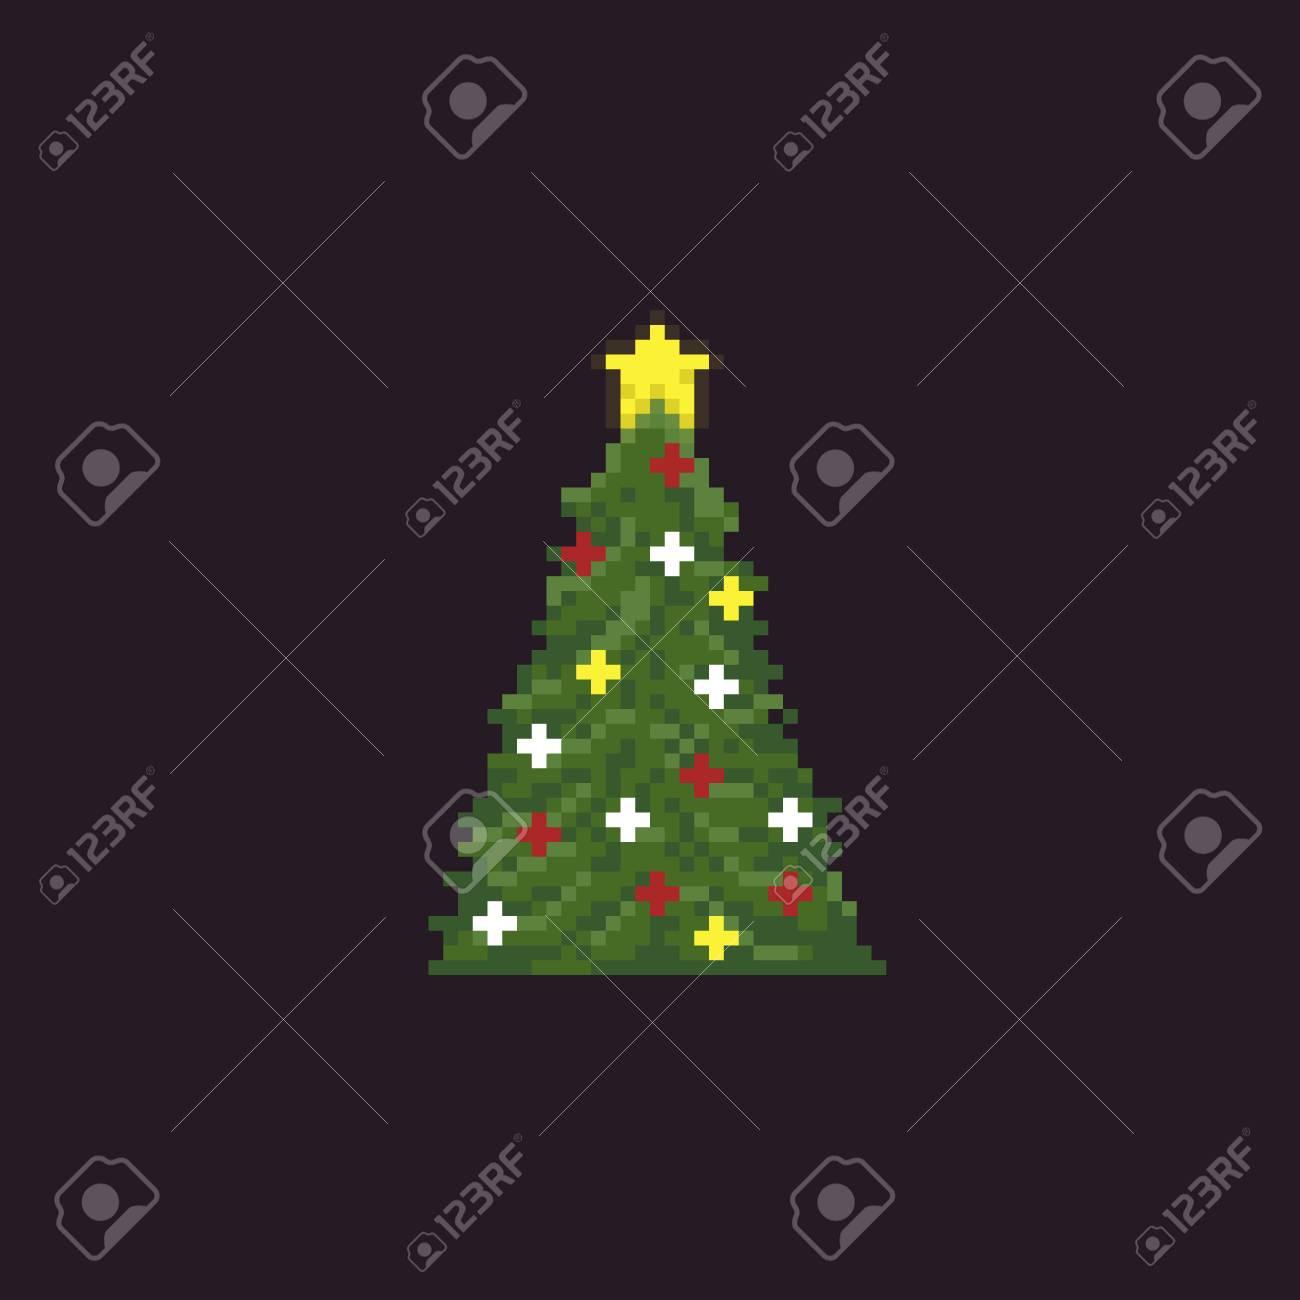 Pixel Art Décoré Sapin De Noël Avec étoile Dorée Sur Le Dessus Isolé Sur Fond Sombre